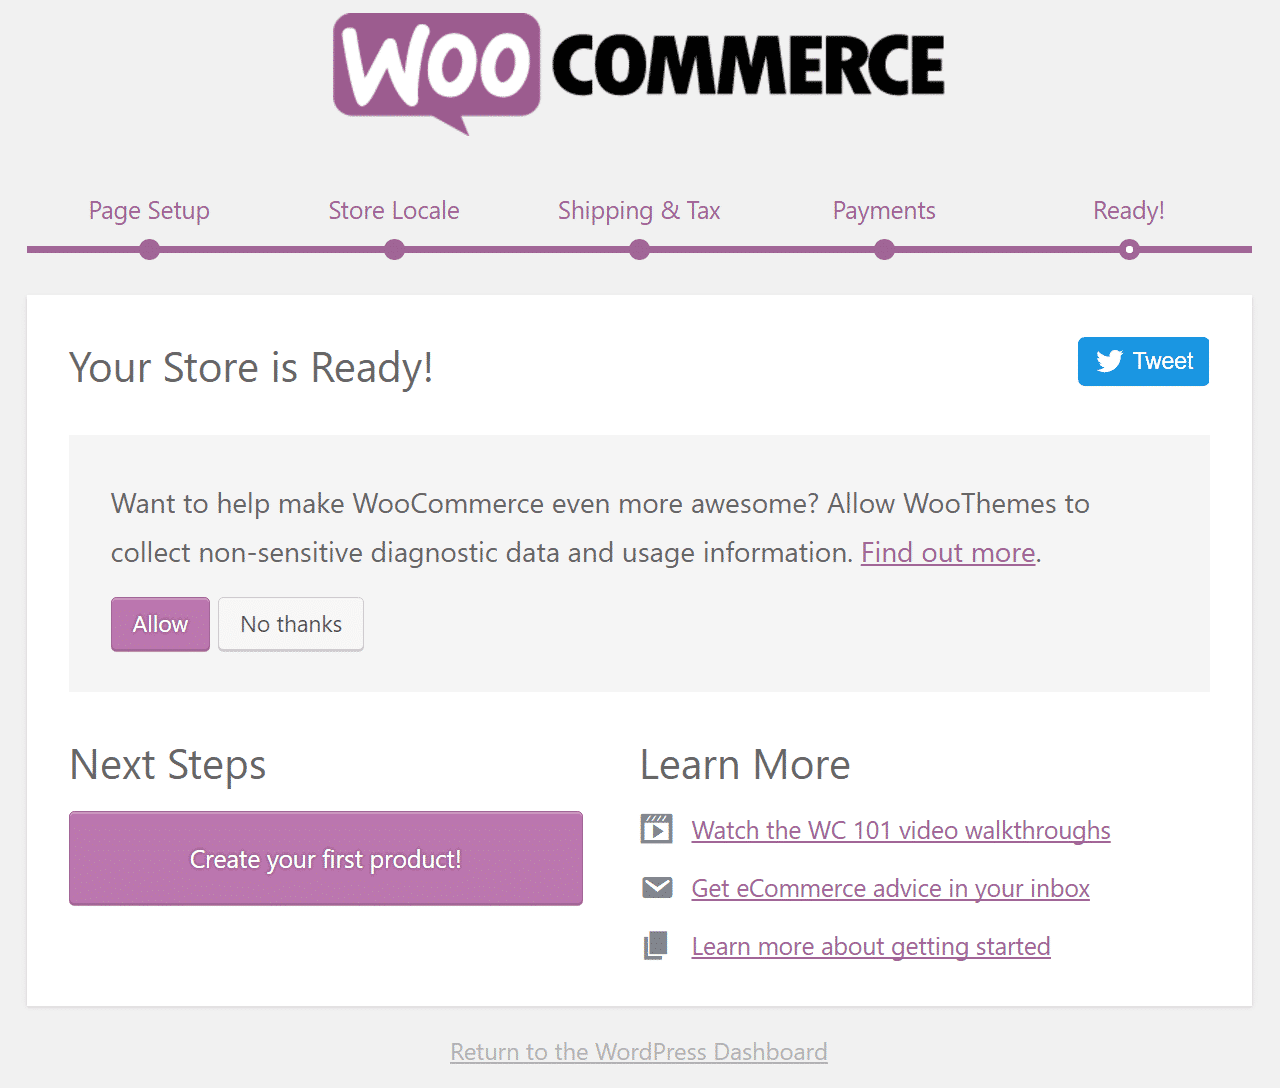 Il negozio WooCommerce è pronto